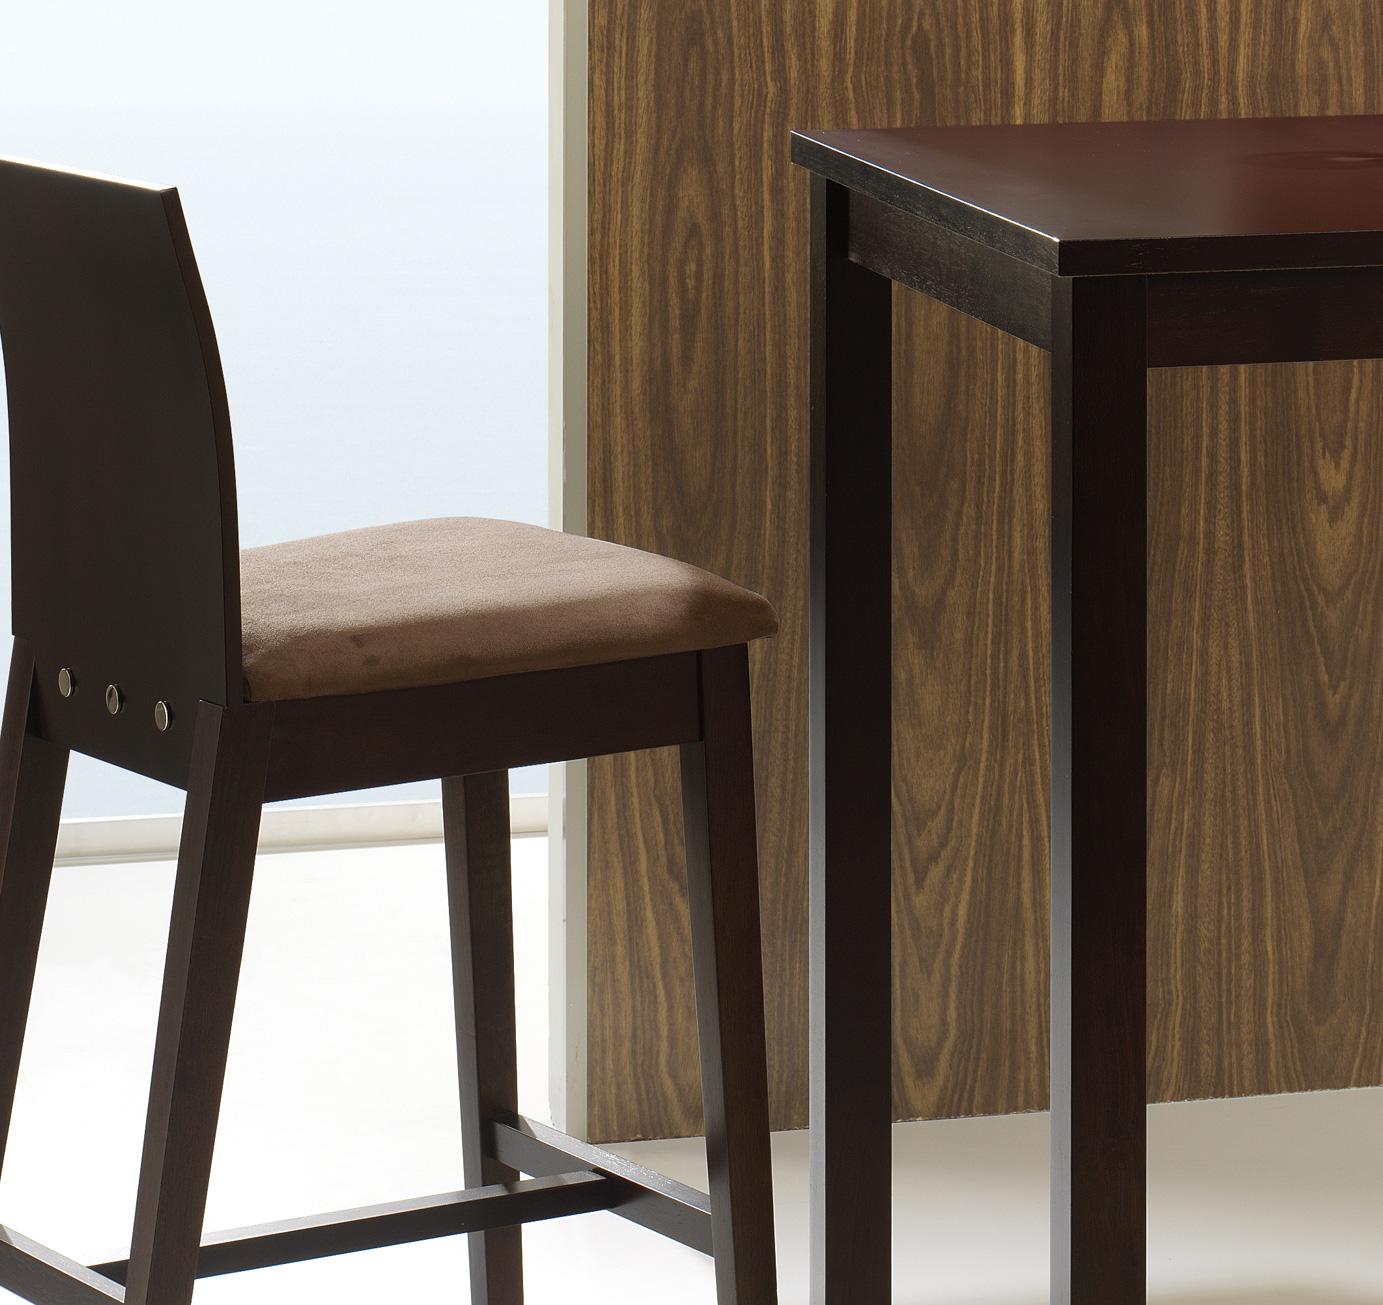 Mesa alta y taburetes finest mesa mod liverpool alta industrial vintage with mesa alta y - Mesa alta con taburetes ...